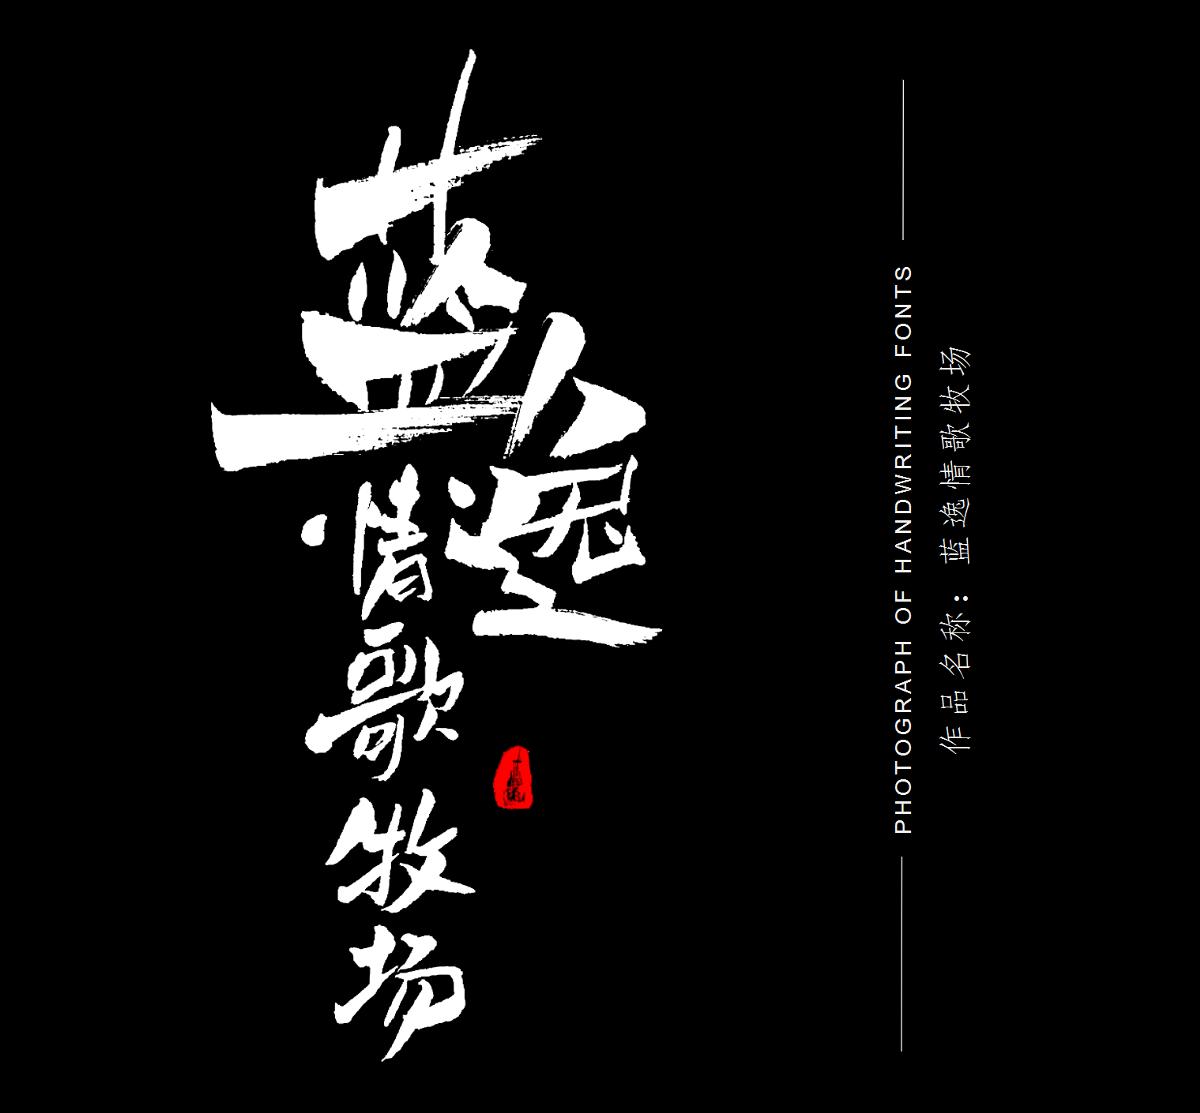 手写体店招&广告语设计作品案例